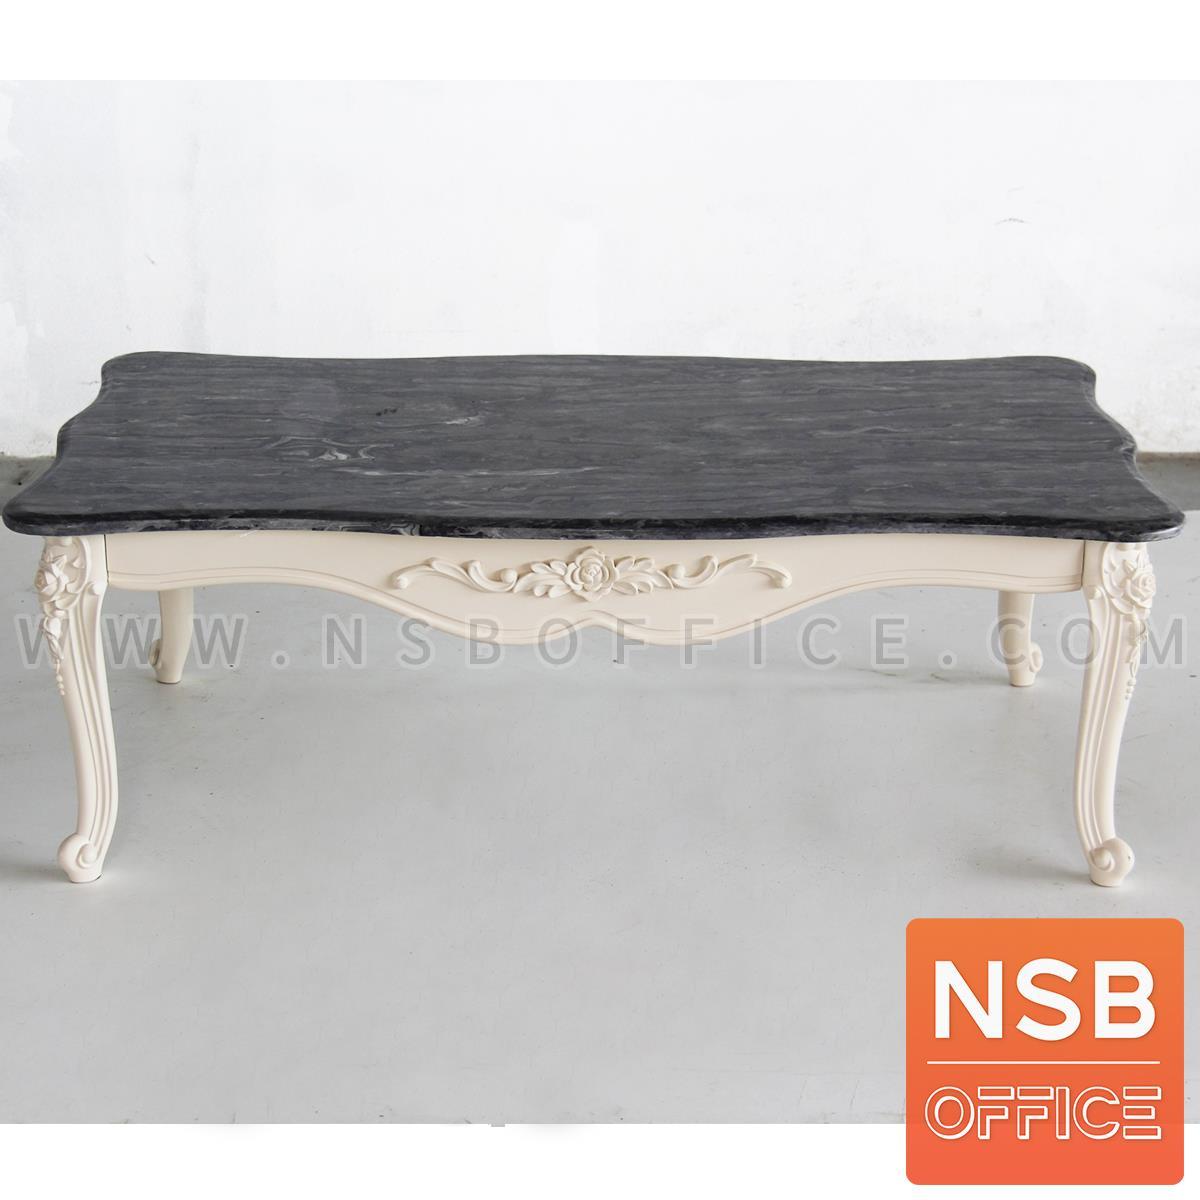 โต๊ะกลางหินอ่อน  รุ่น AYUMI-01 ขนาด 120W cm. ขาสลักลาย